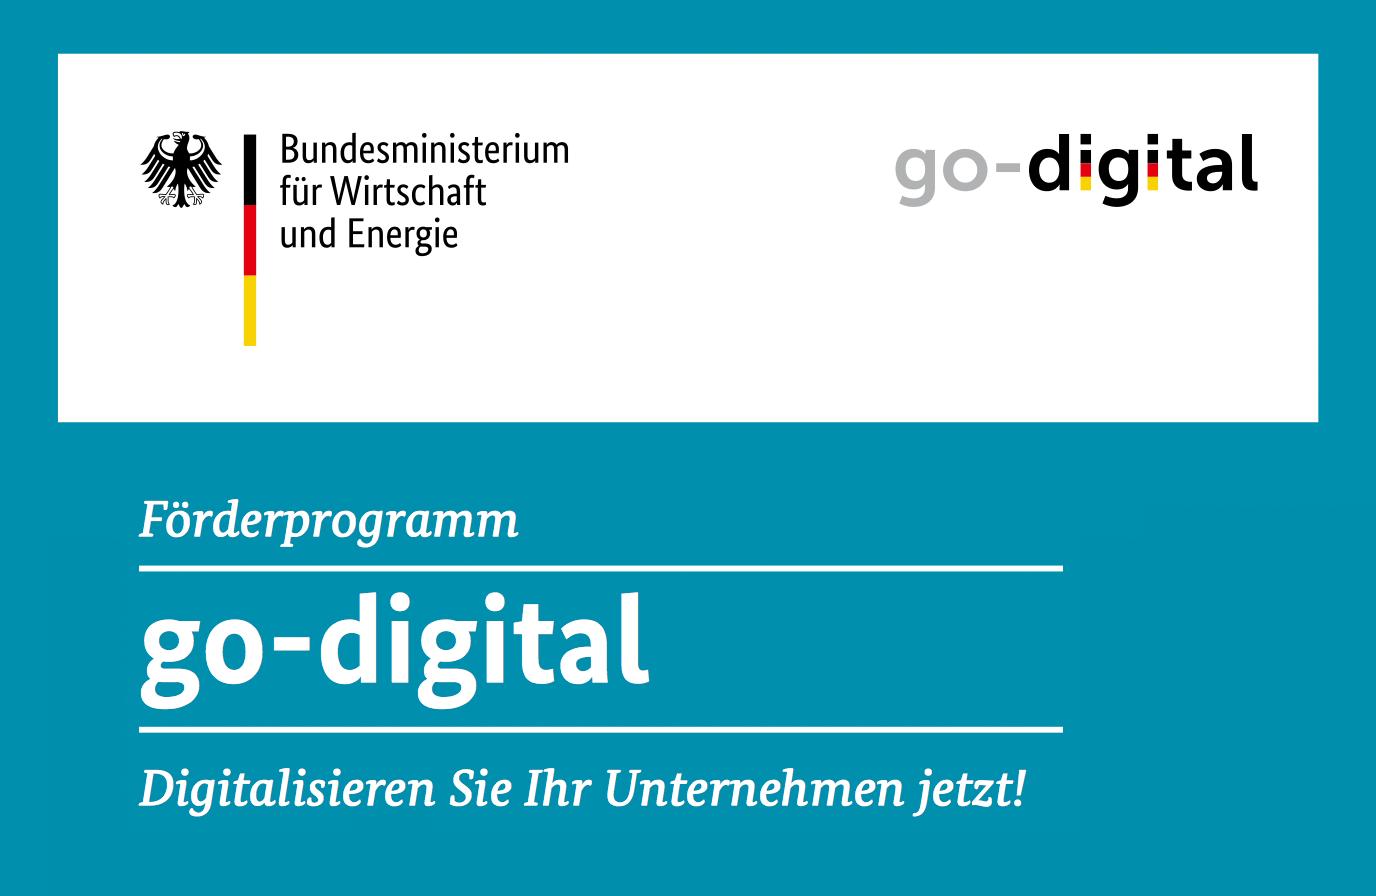 go-digital Förderprogramm, Region Bodensee, Konstanz, Tojio Digital Agentur